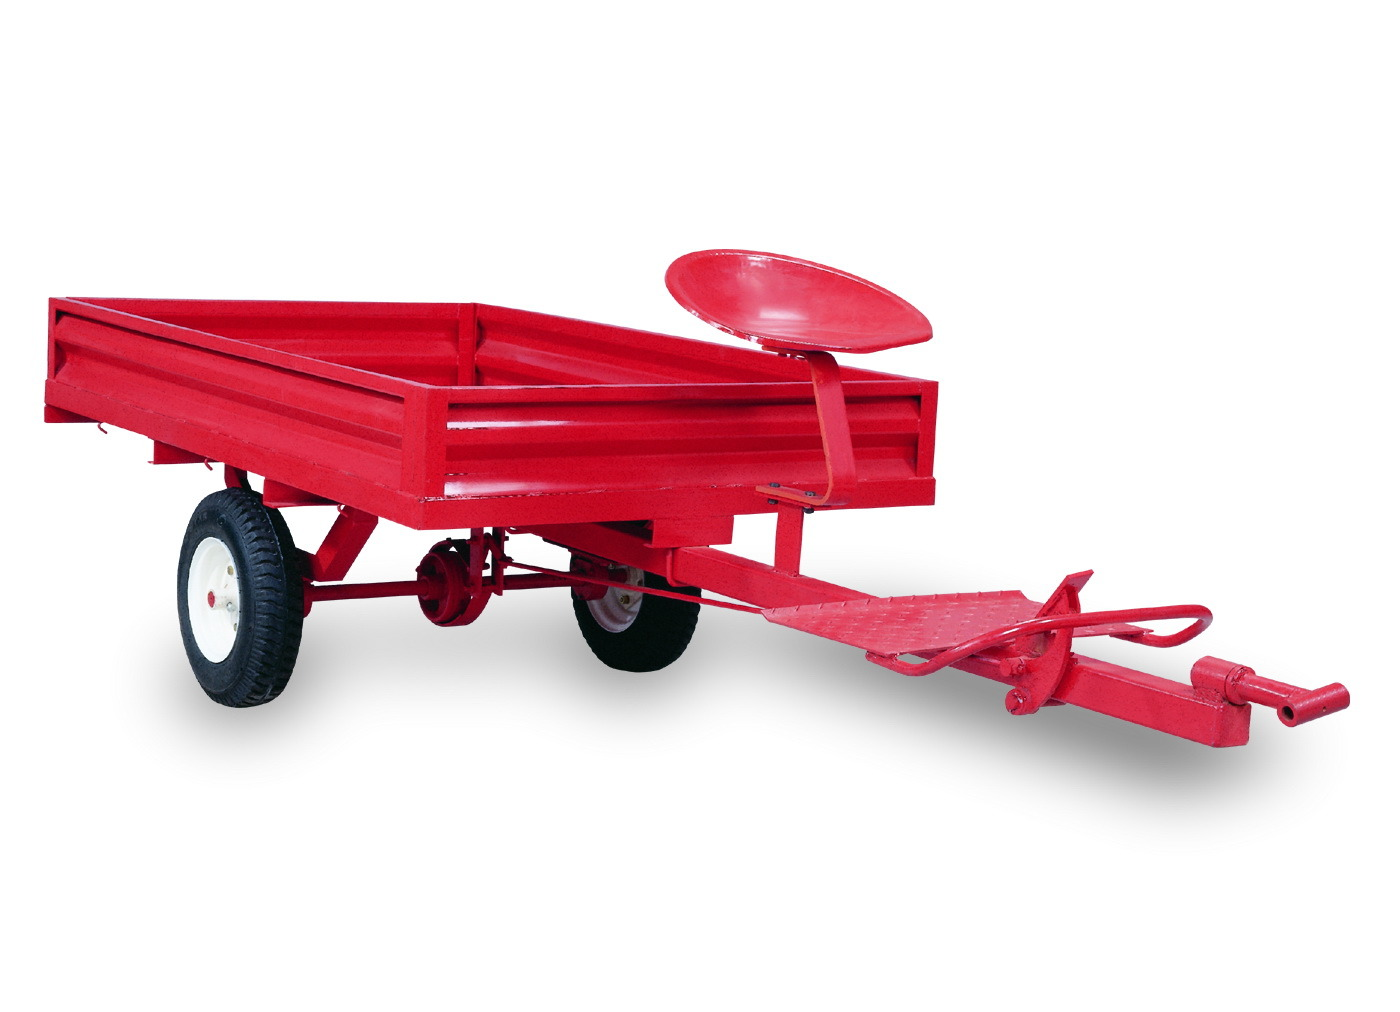 Kipor Agricultural Tiller Kgt510